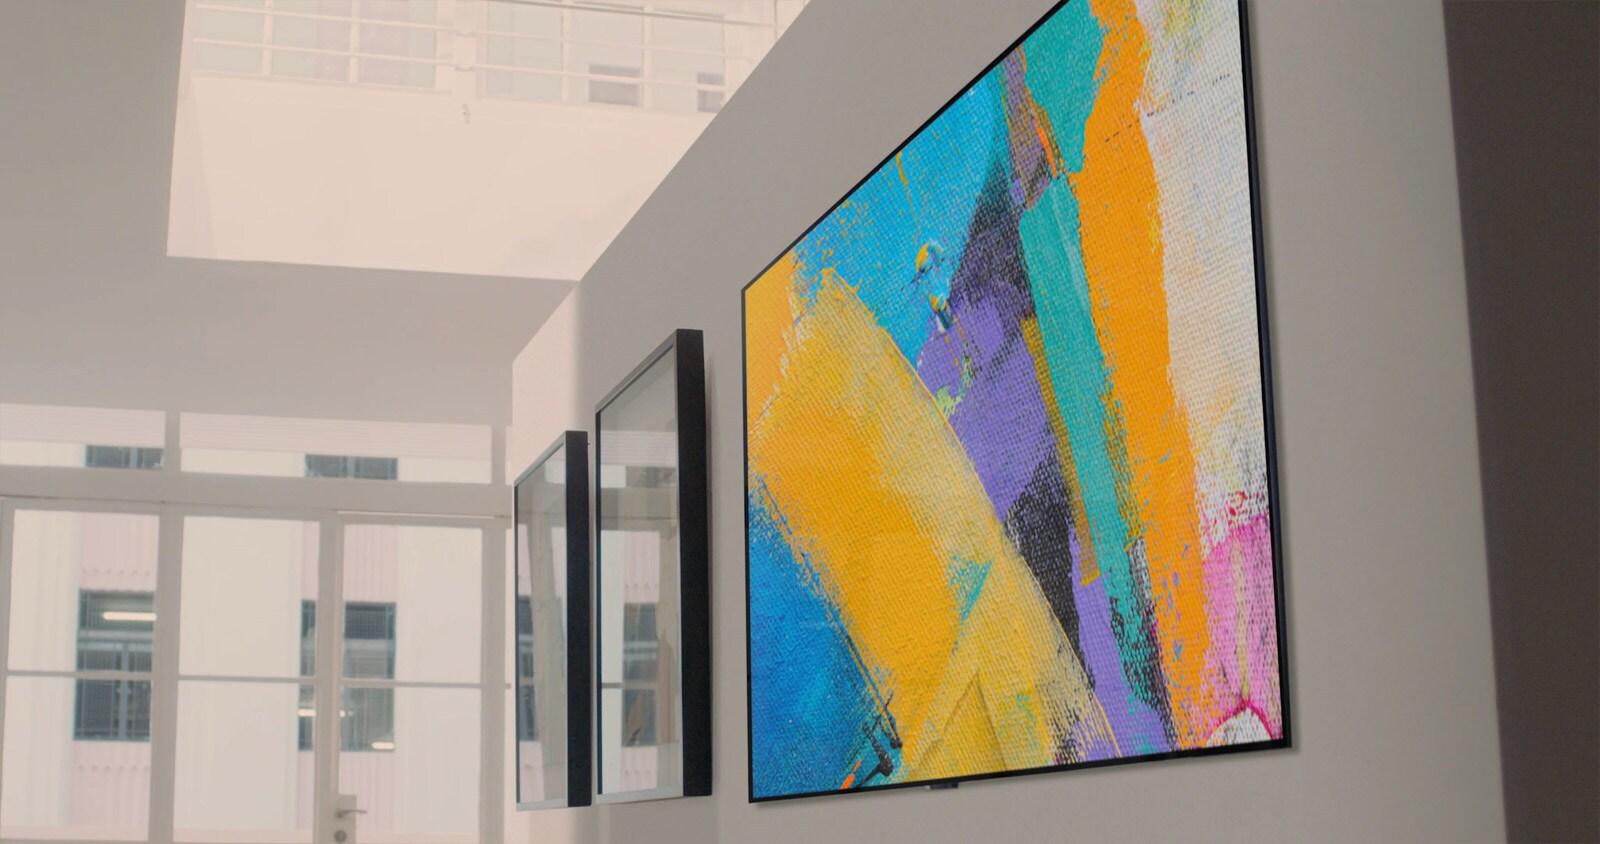 Tìm hiểu bí mật về thiết kế TV hòa quyện với bức tường nhà bạn 3